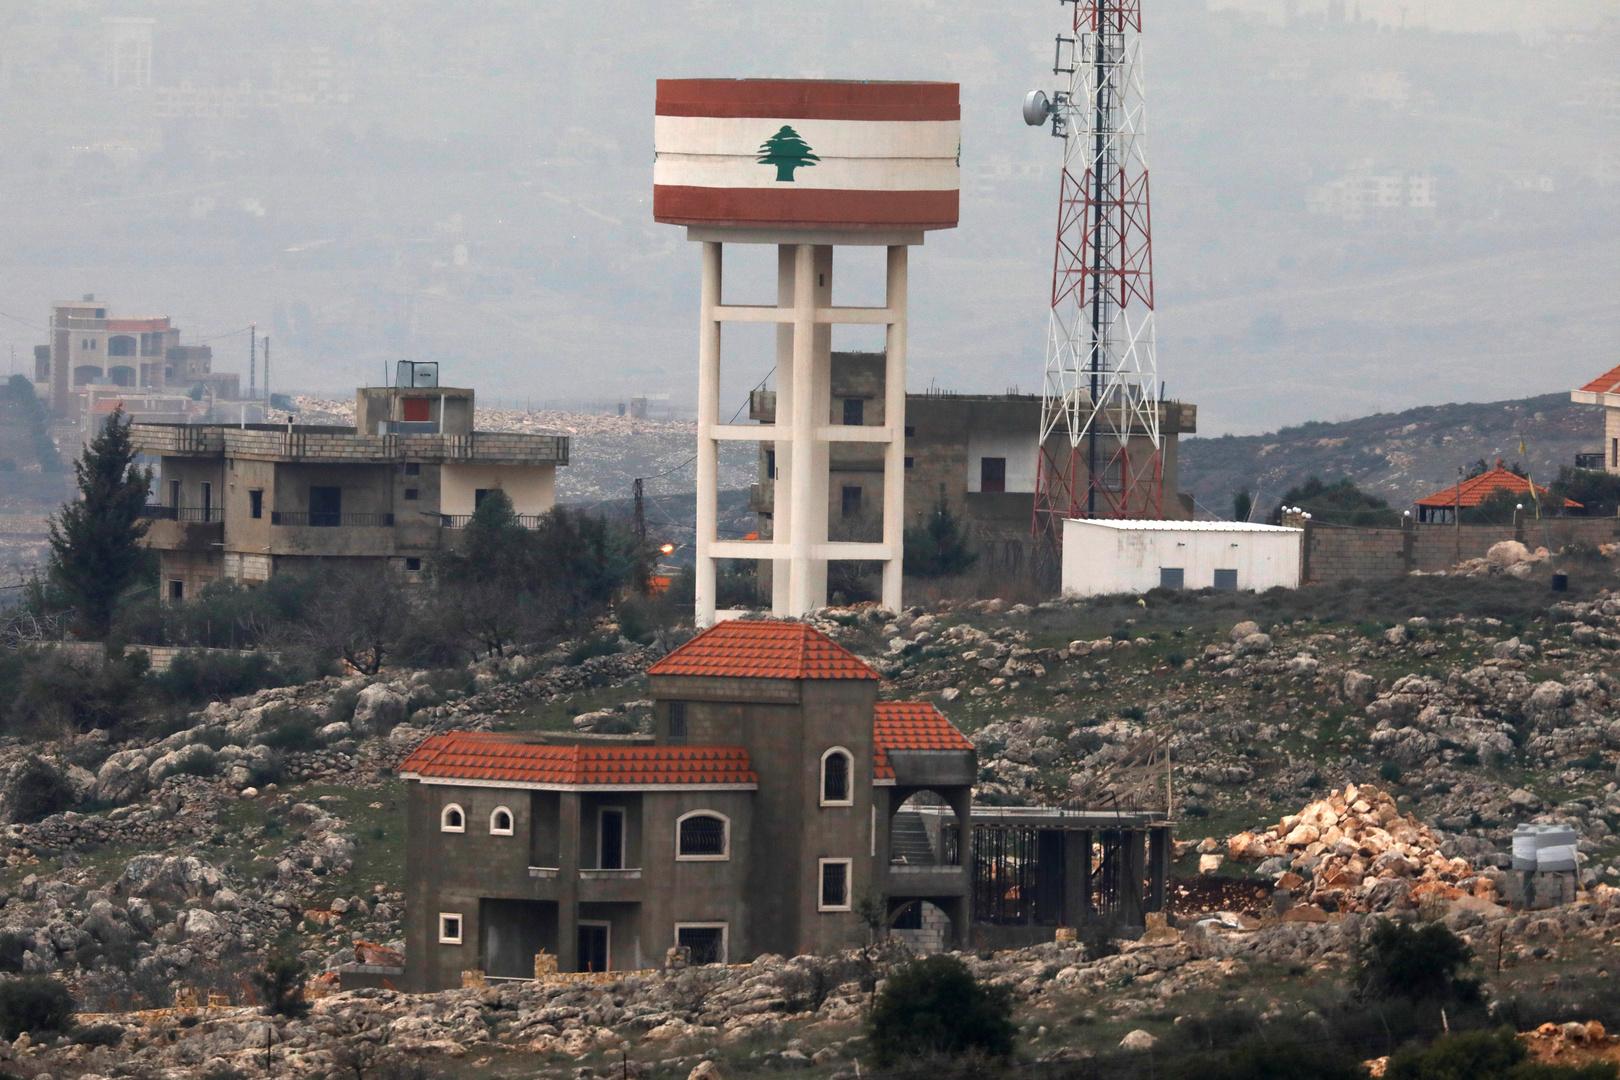 إسرائيل تعتقل شخصا اجتاز الحدود من لبنان